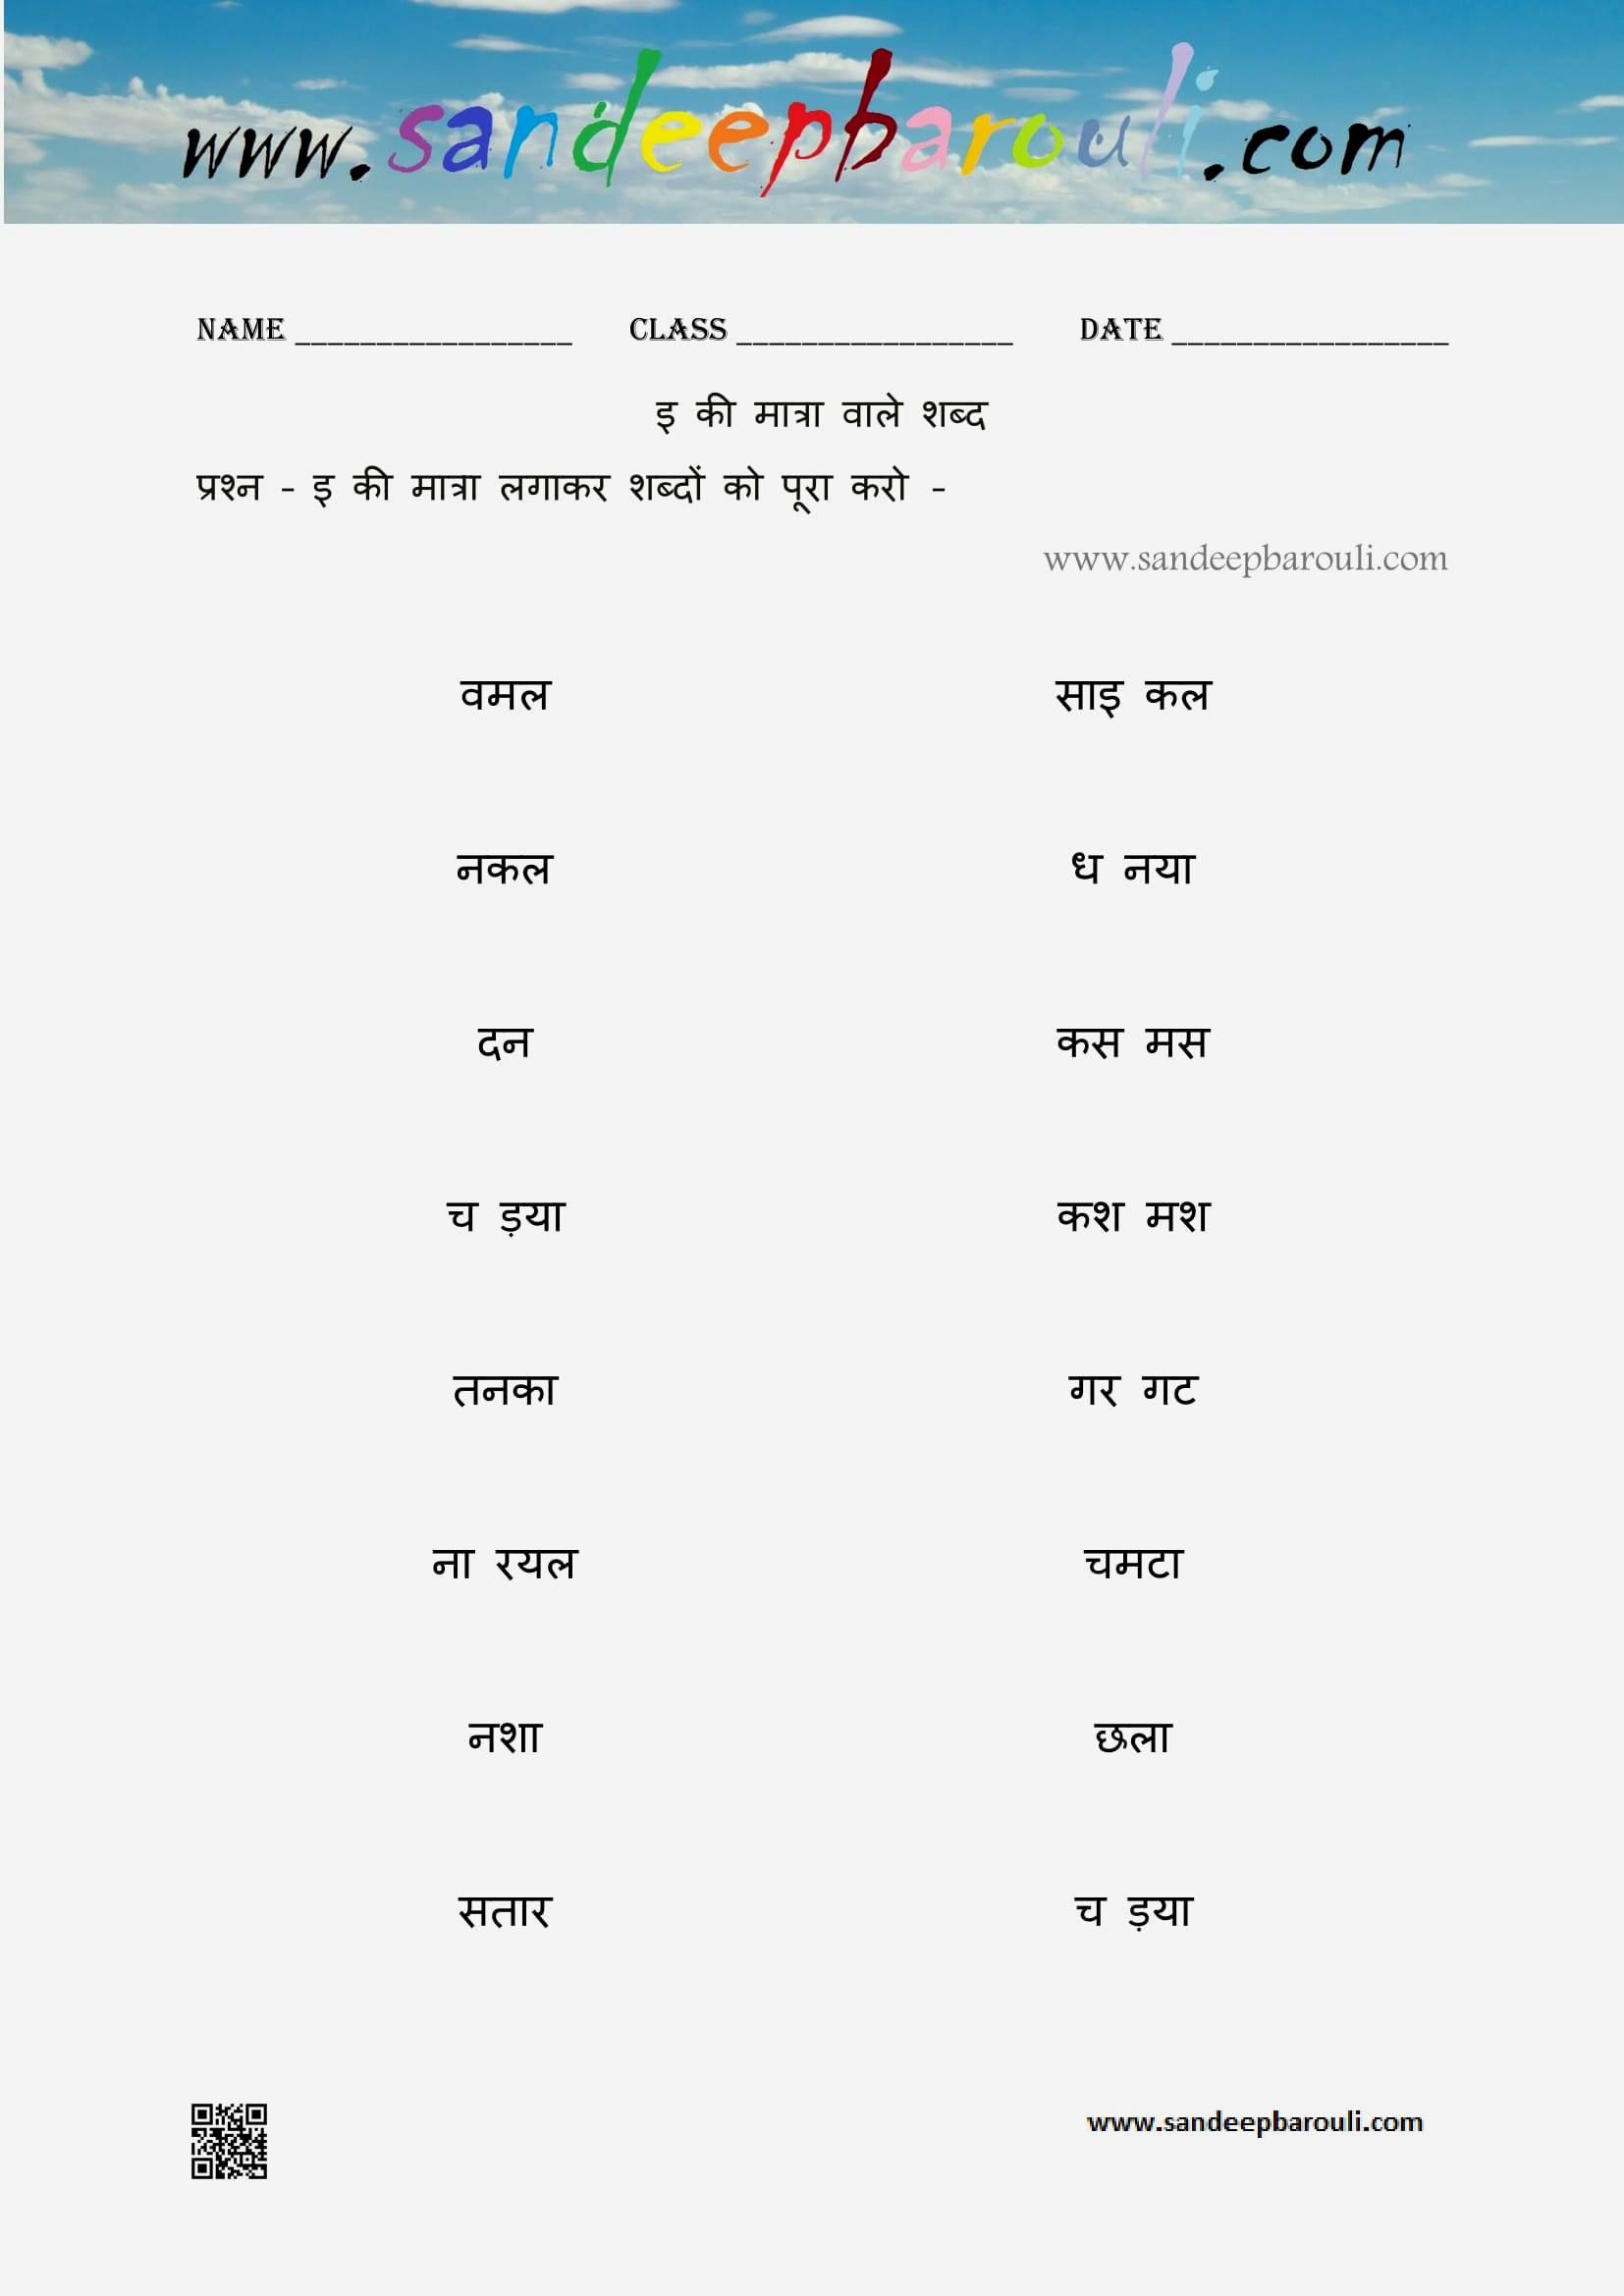 Worksheet 2 Sandeepbarouli